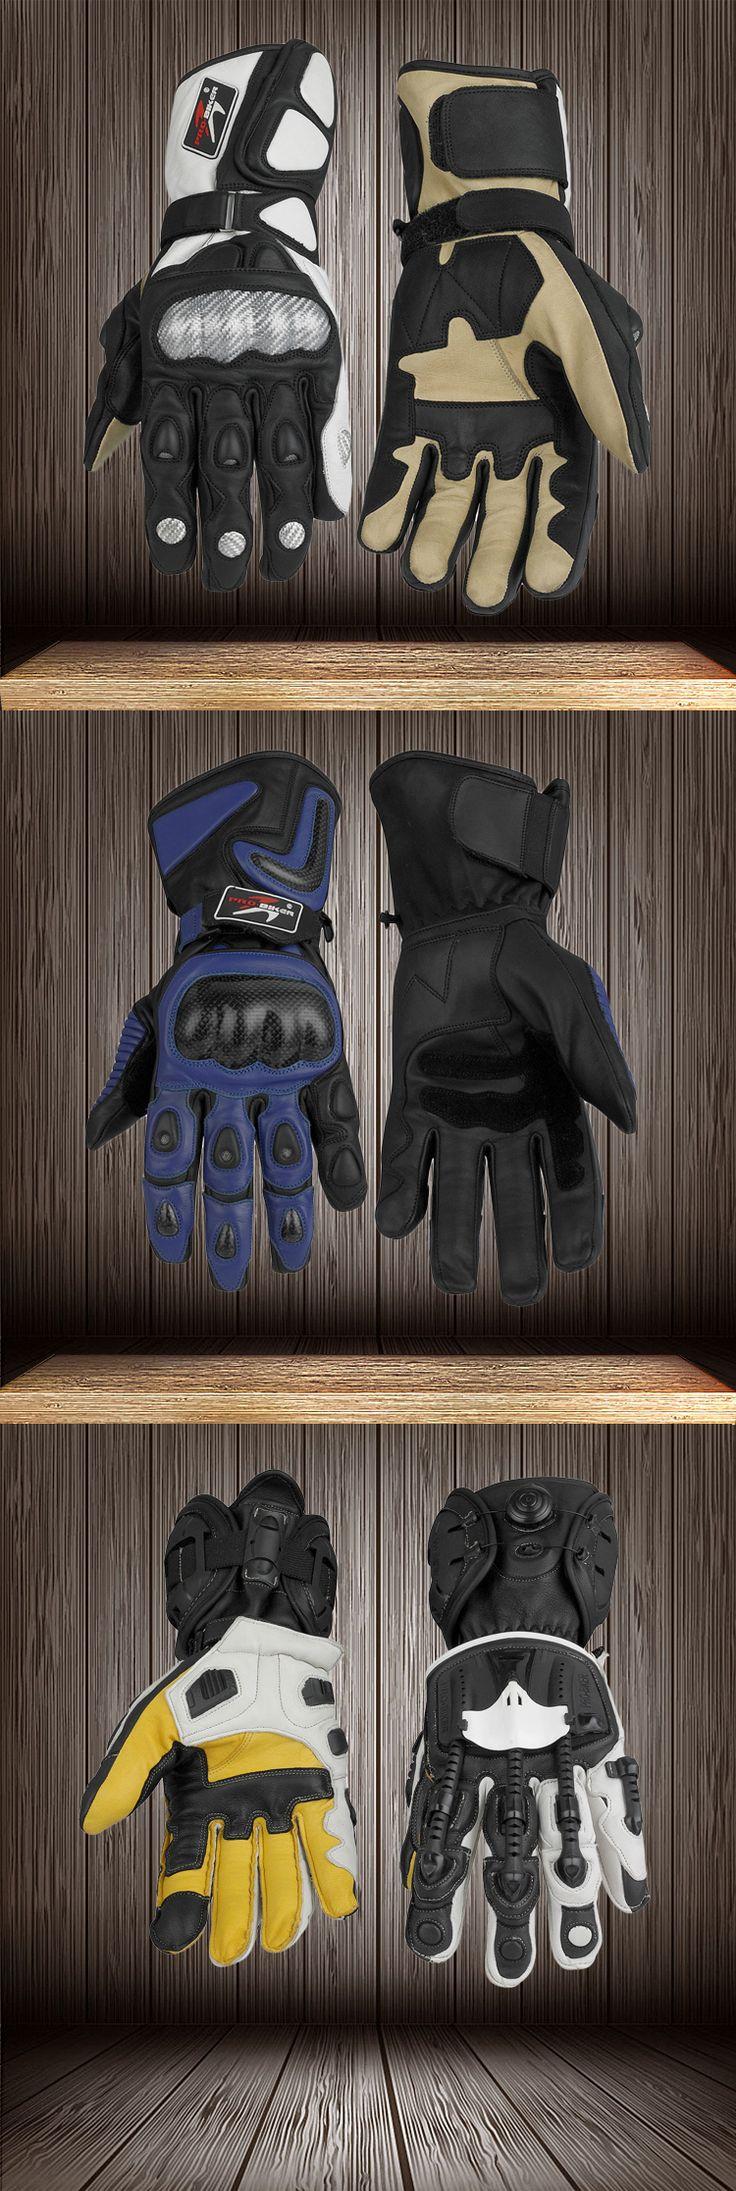 Quality motocross gloves, anti-skid, abrasion proof motocross gloves.